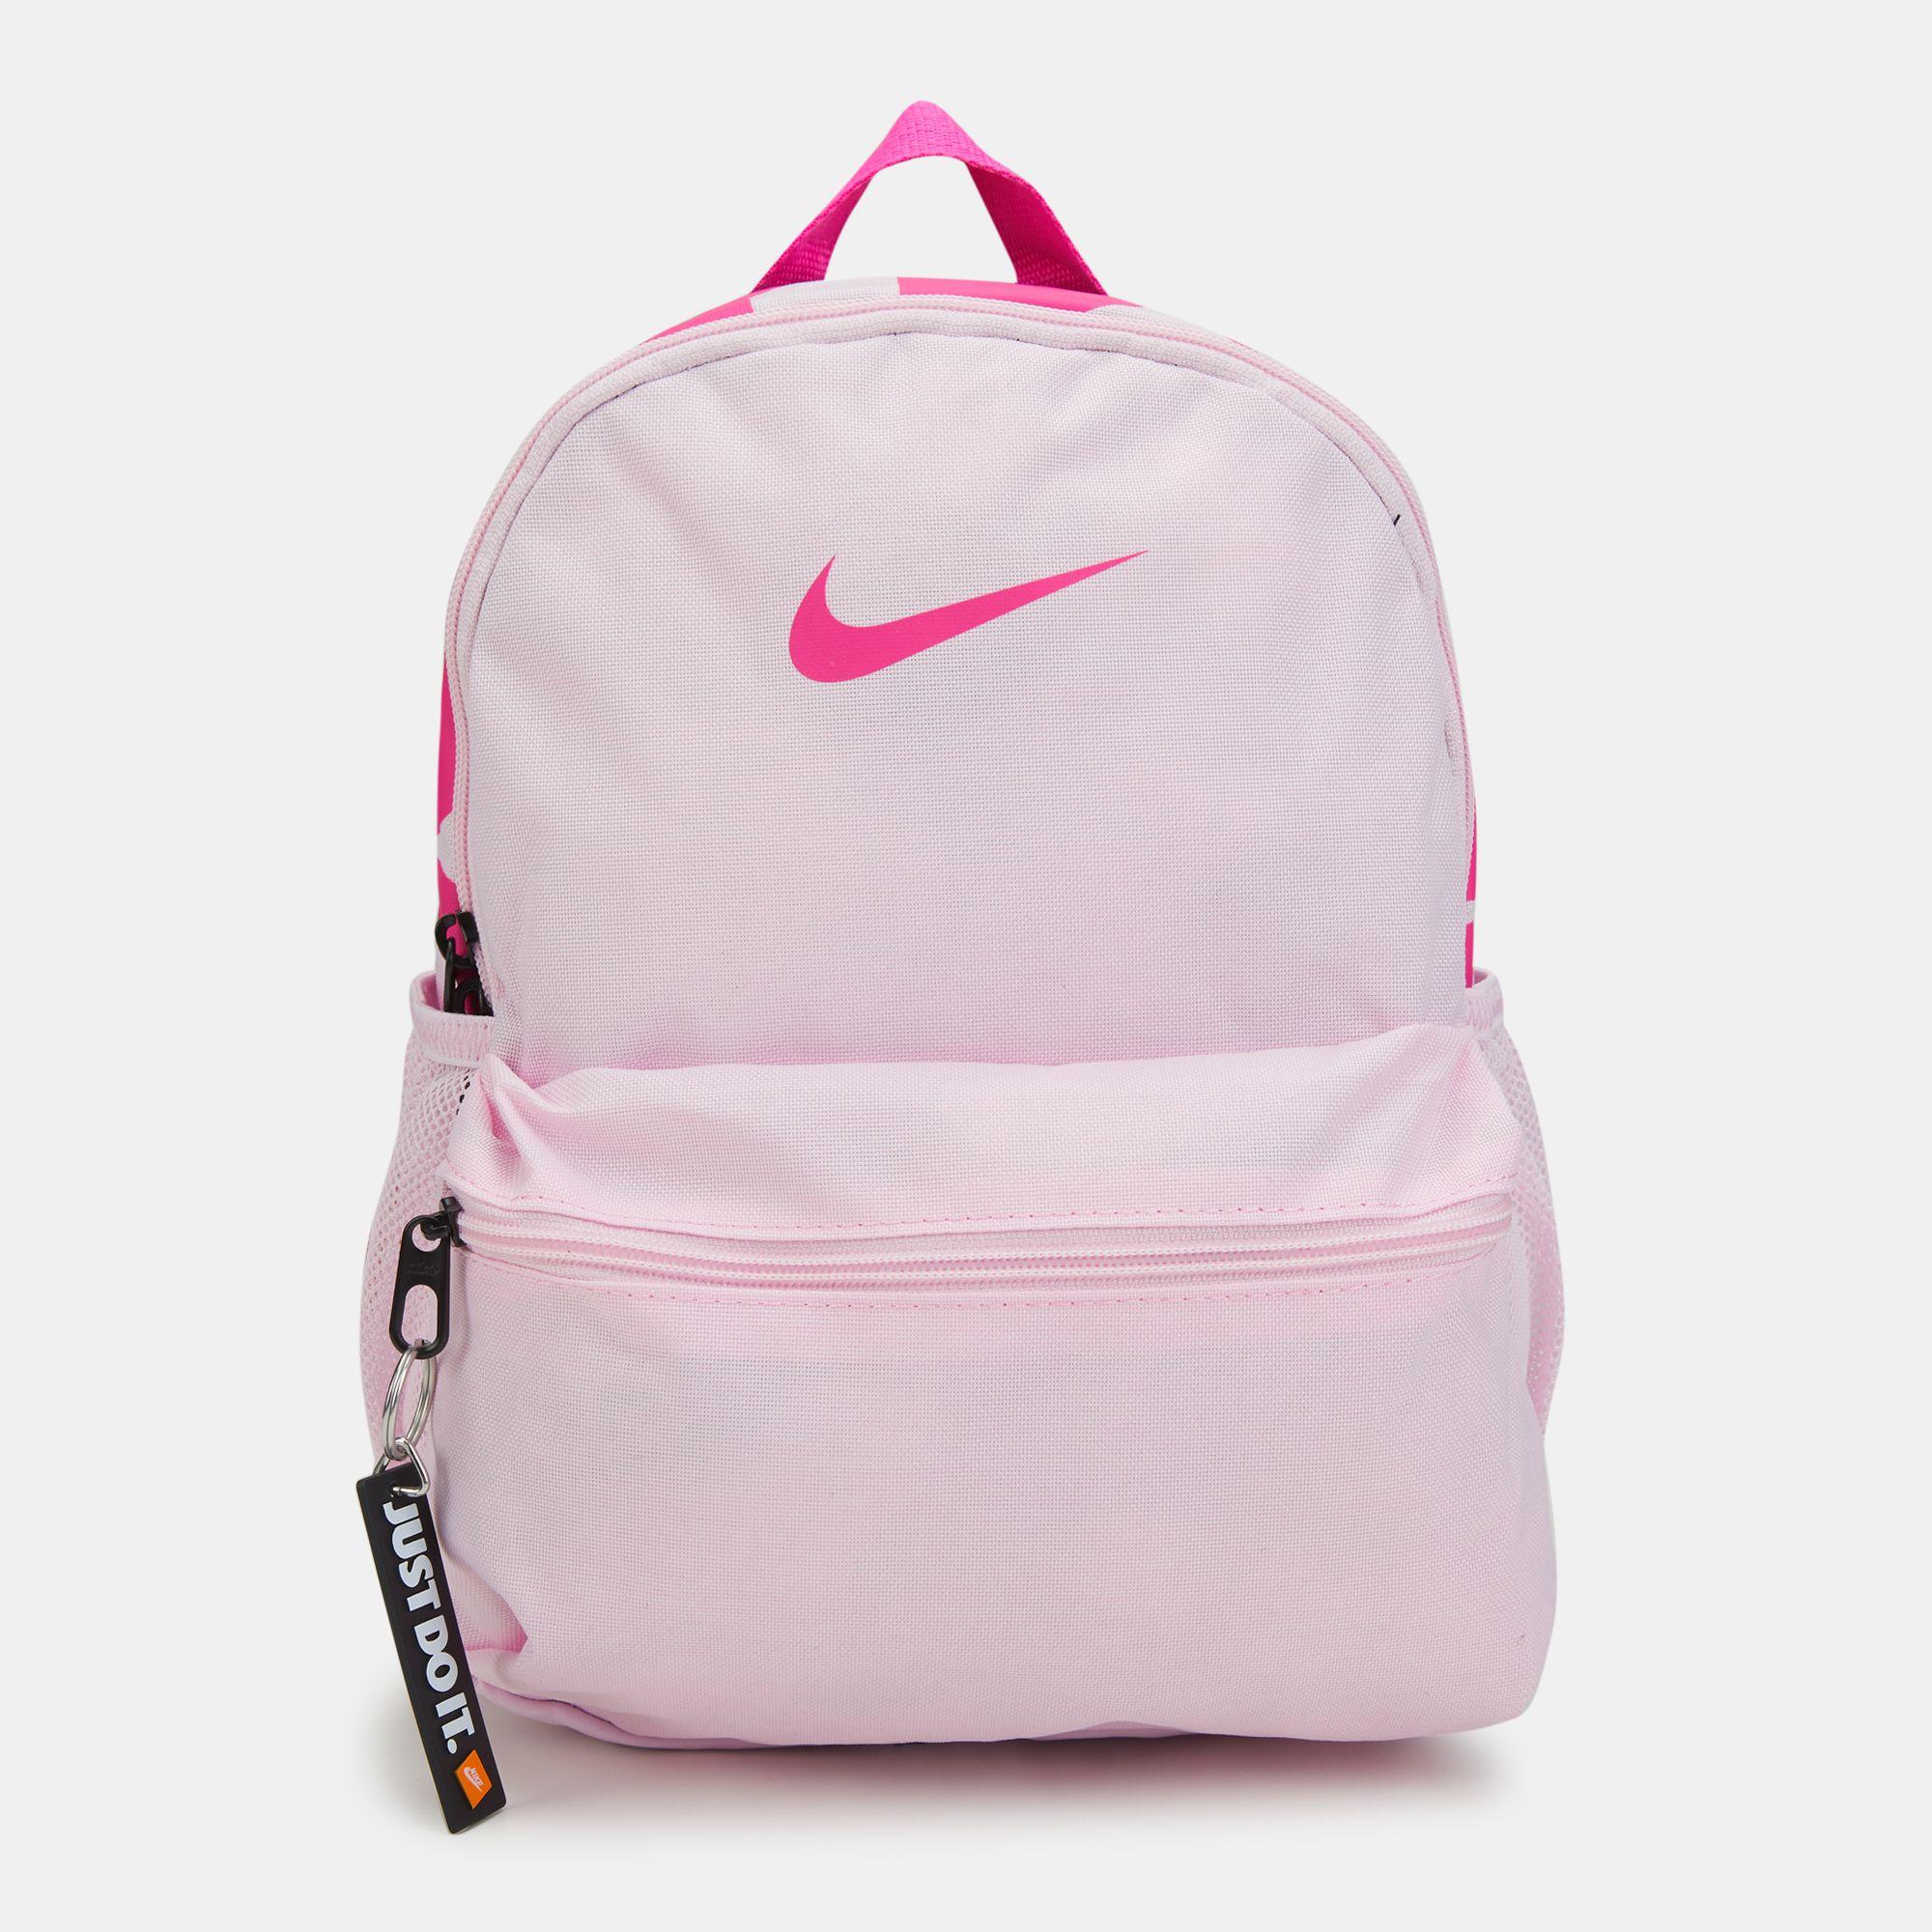 3cd8ebe3a3 Nike Kids  Brasilia Just Do It Mini Backpack (Older Kids ...